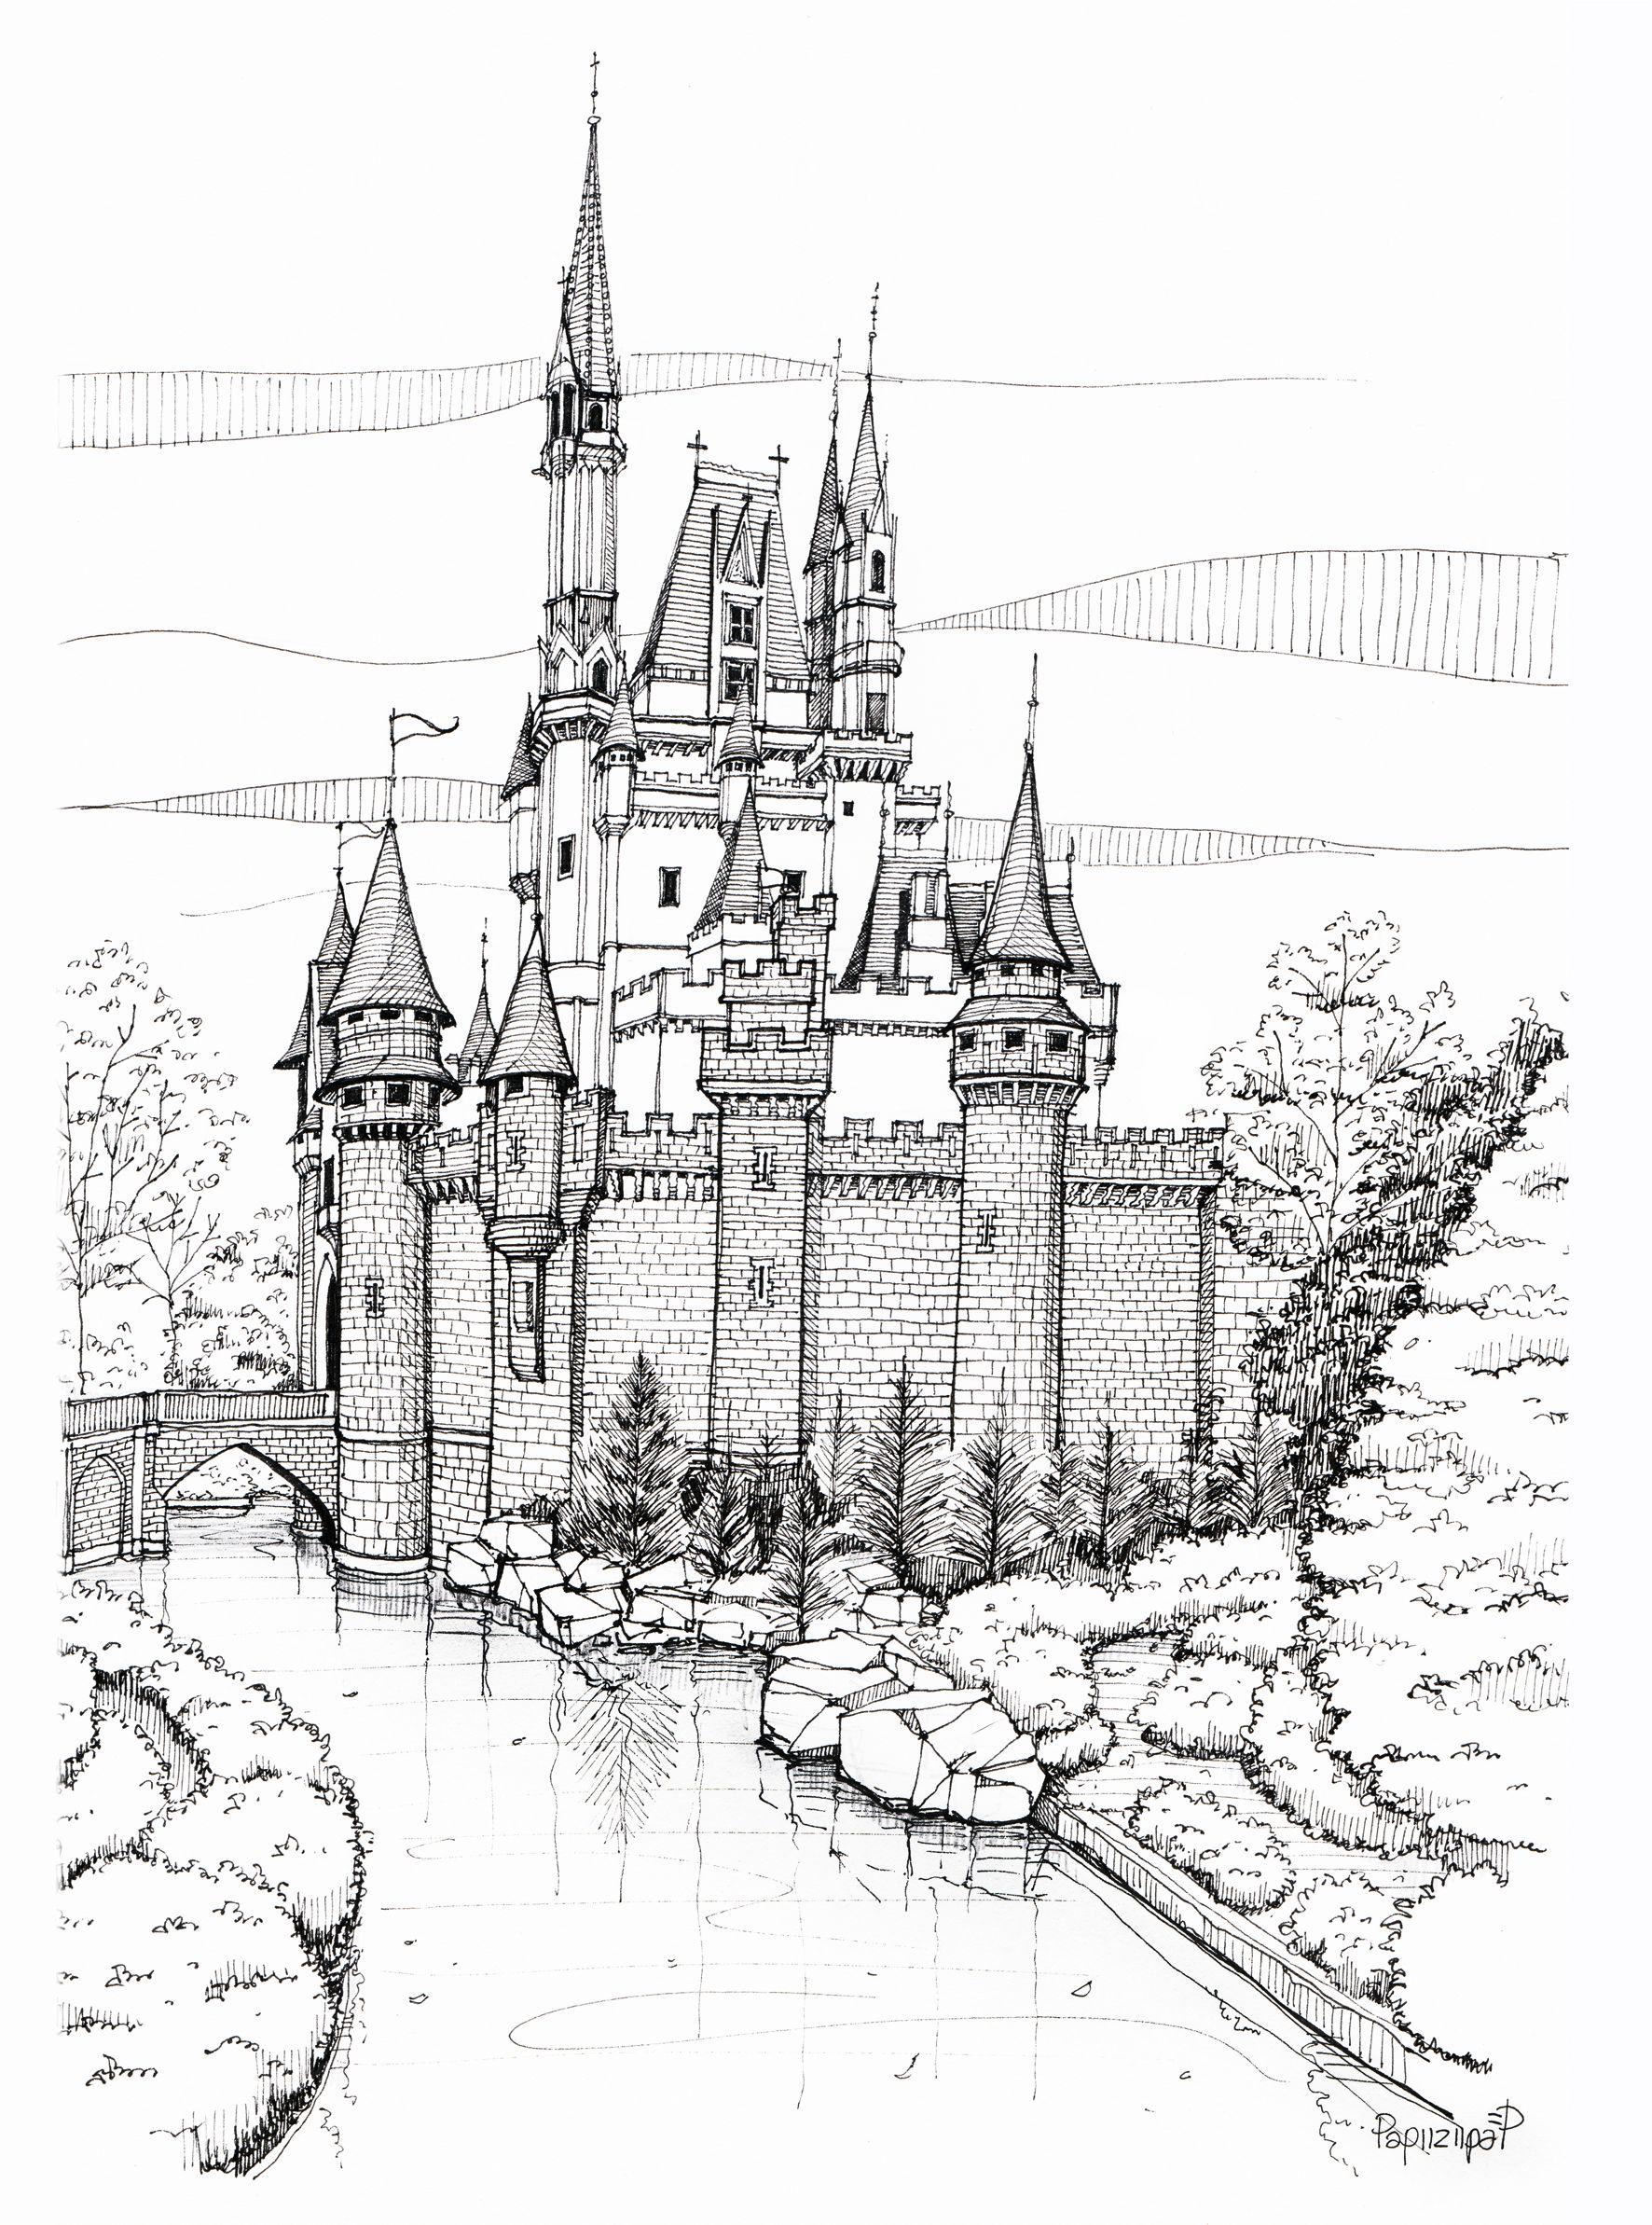 1772x2386 Cinderella Castle Papiiziipap's Cinderella Castle